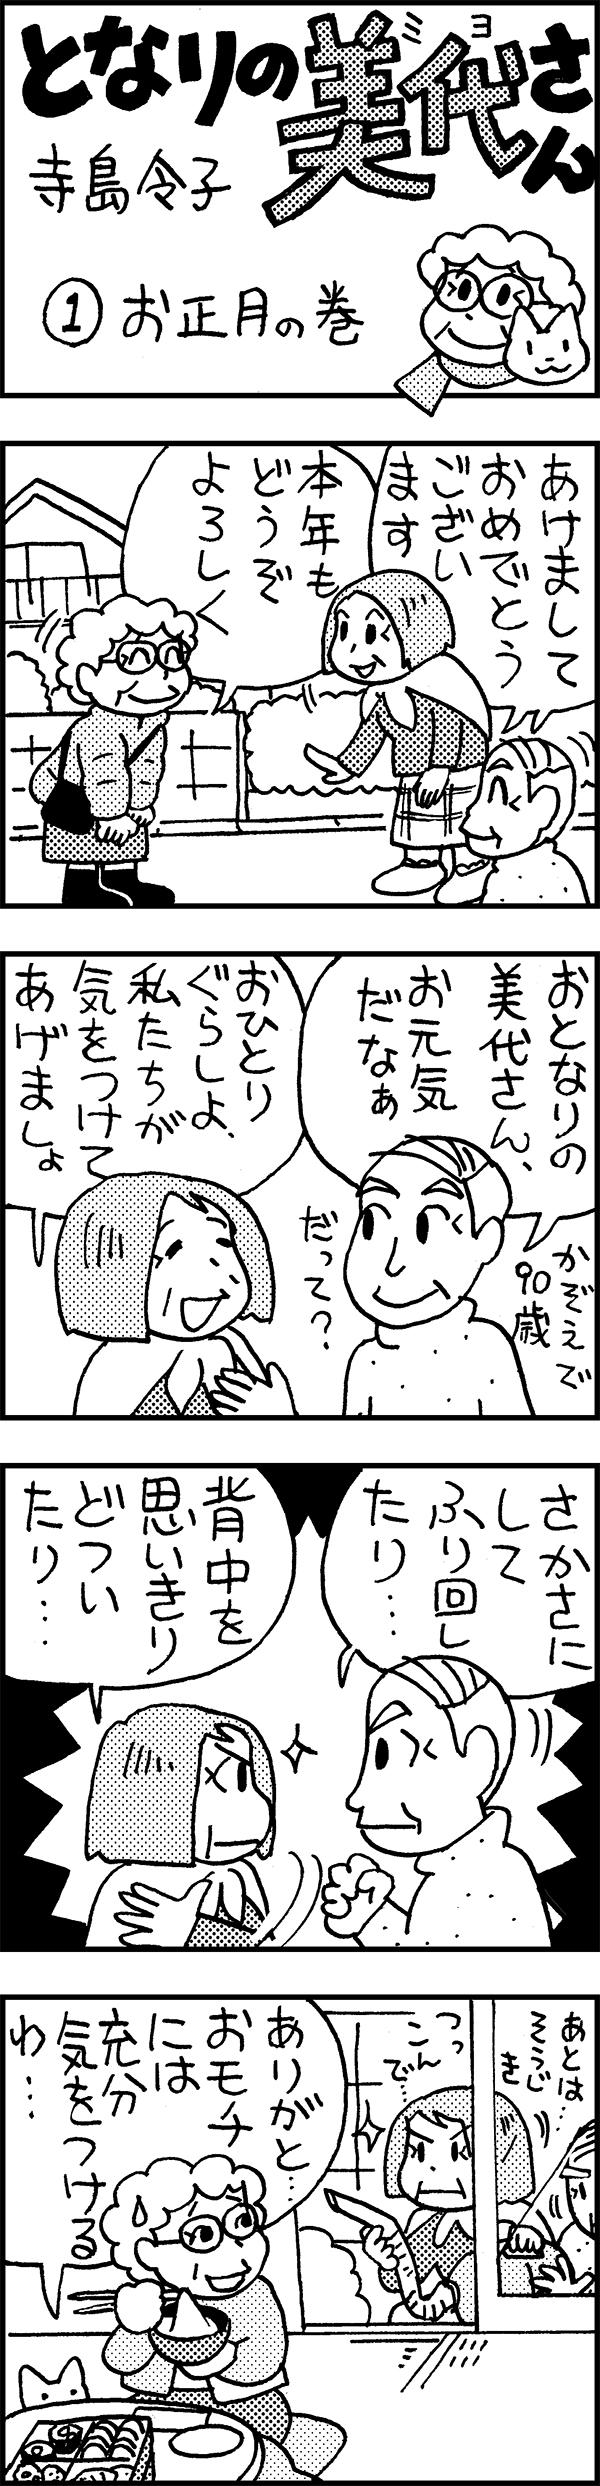 日本薬師堂会報誌掲載4コマ漫画 第1弾[画像1]